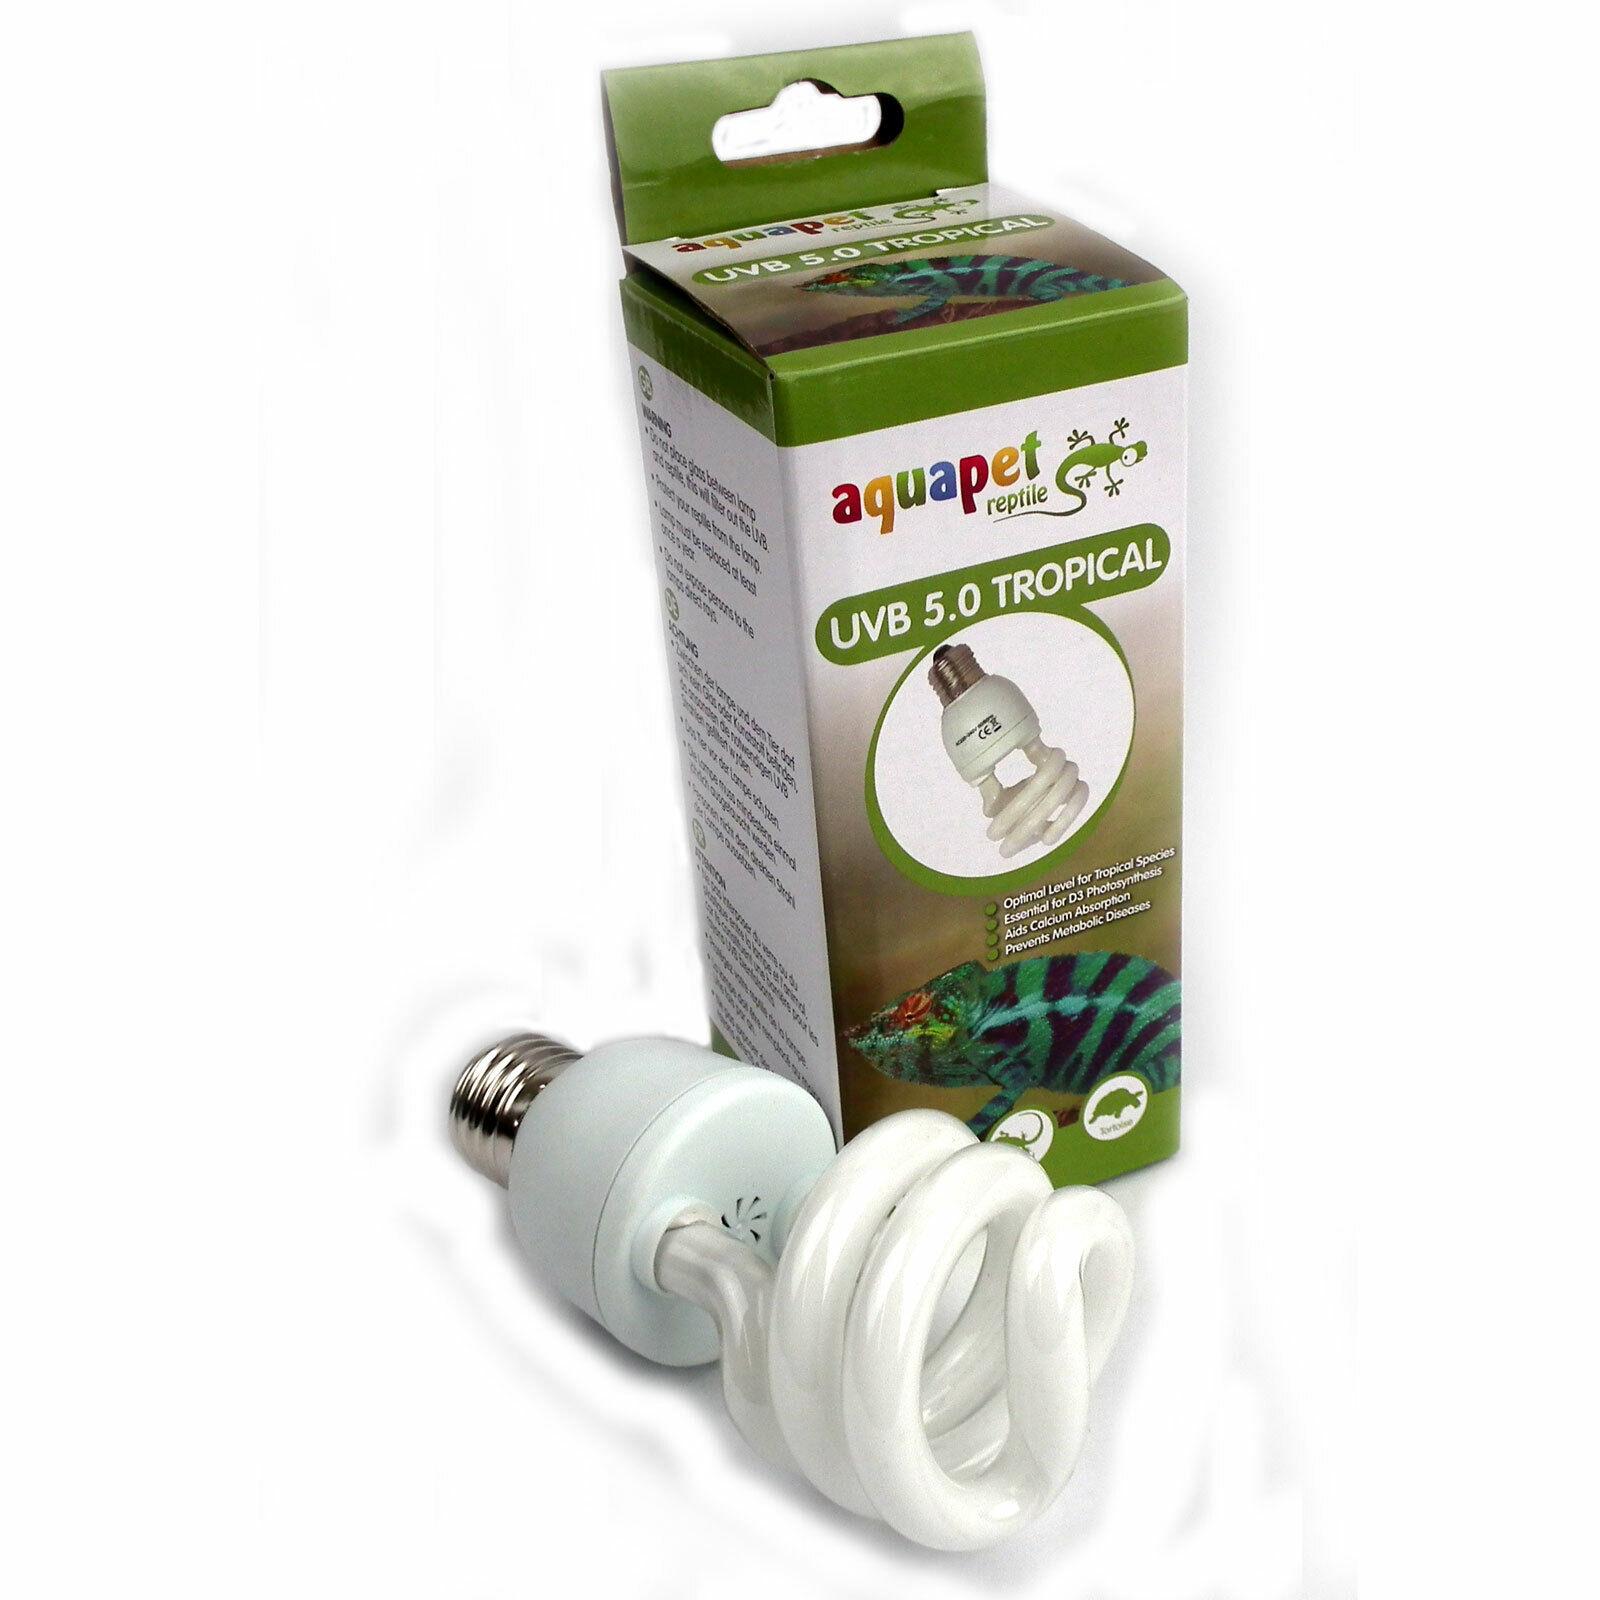 RETTILE compatte fluorescenti UV UVA + UVB + Tropicale 5.0 15W pacco da 2 o 4